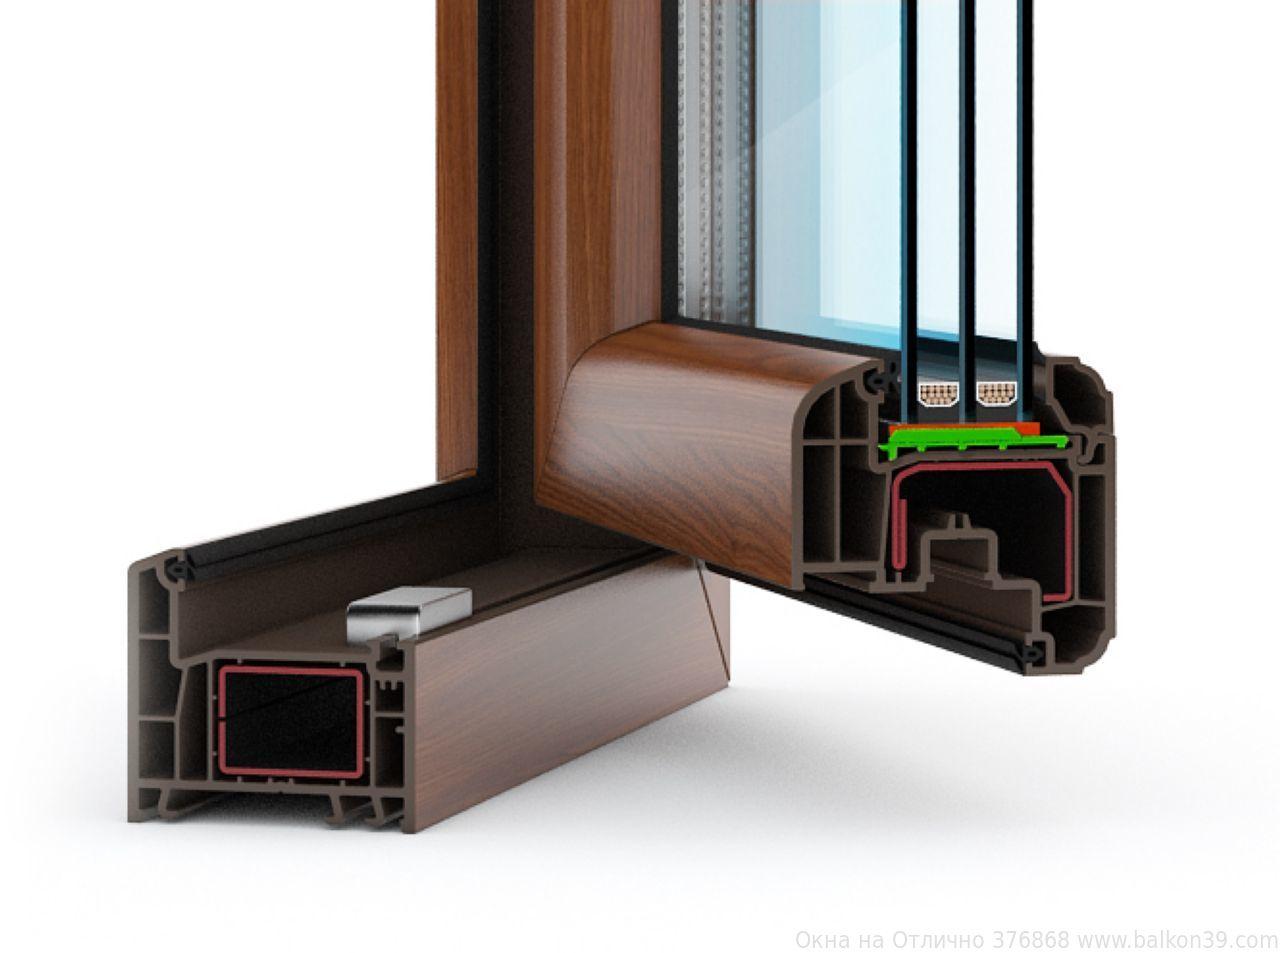 Окна ПВХ, окрашенные в массе «под дерево», выглядят так, словно они выполнены из натурального дерева!